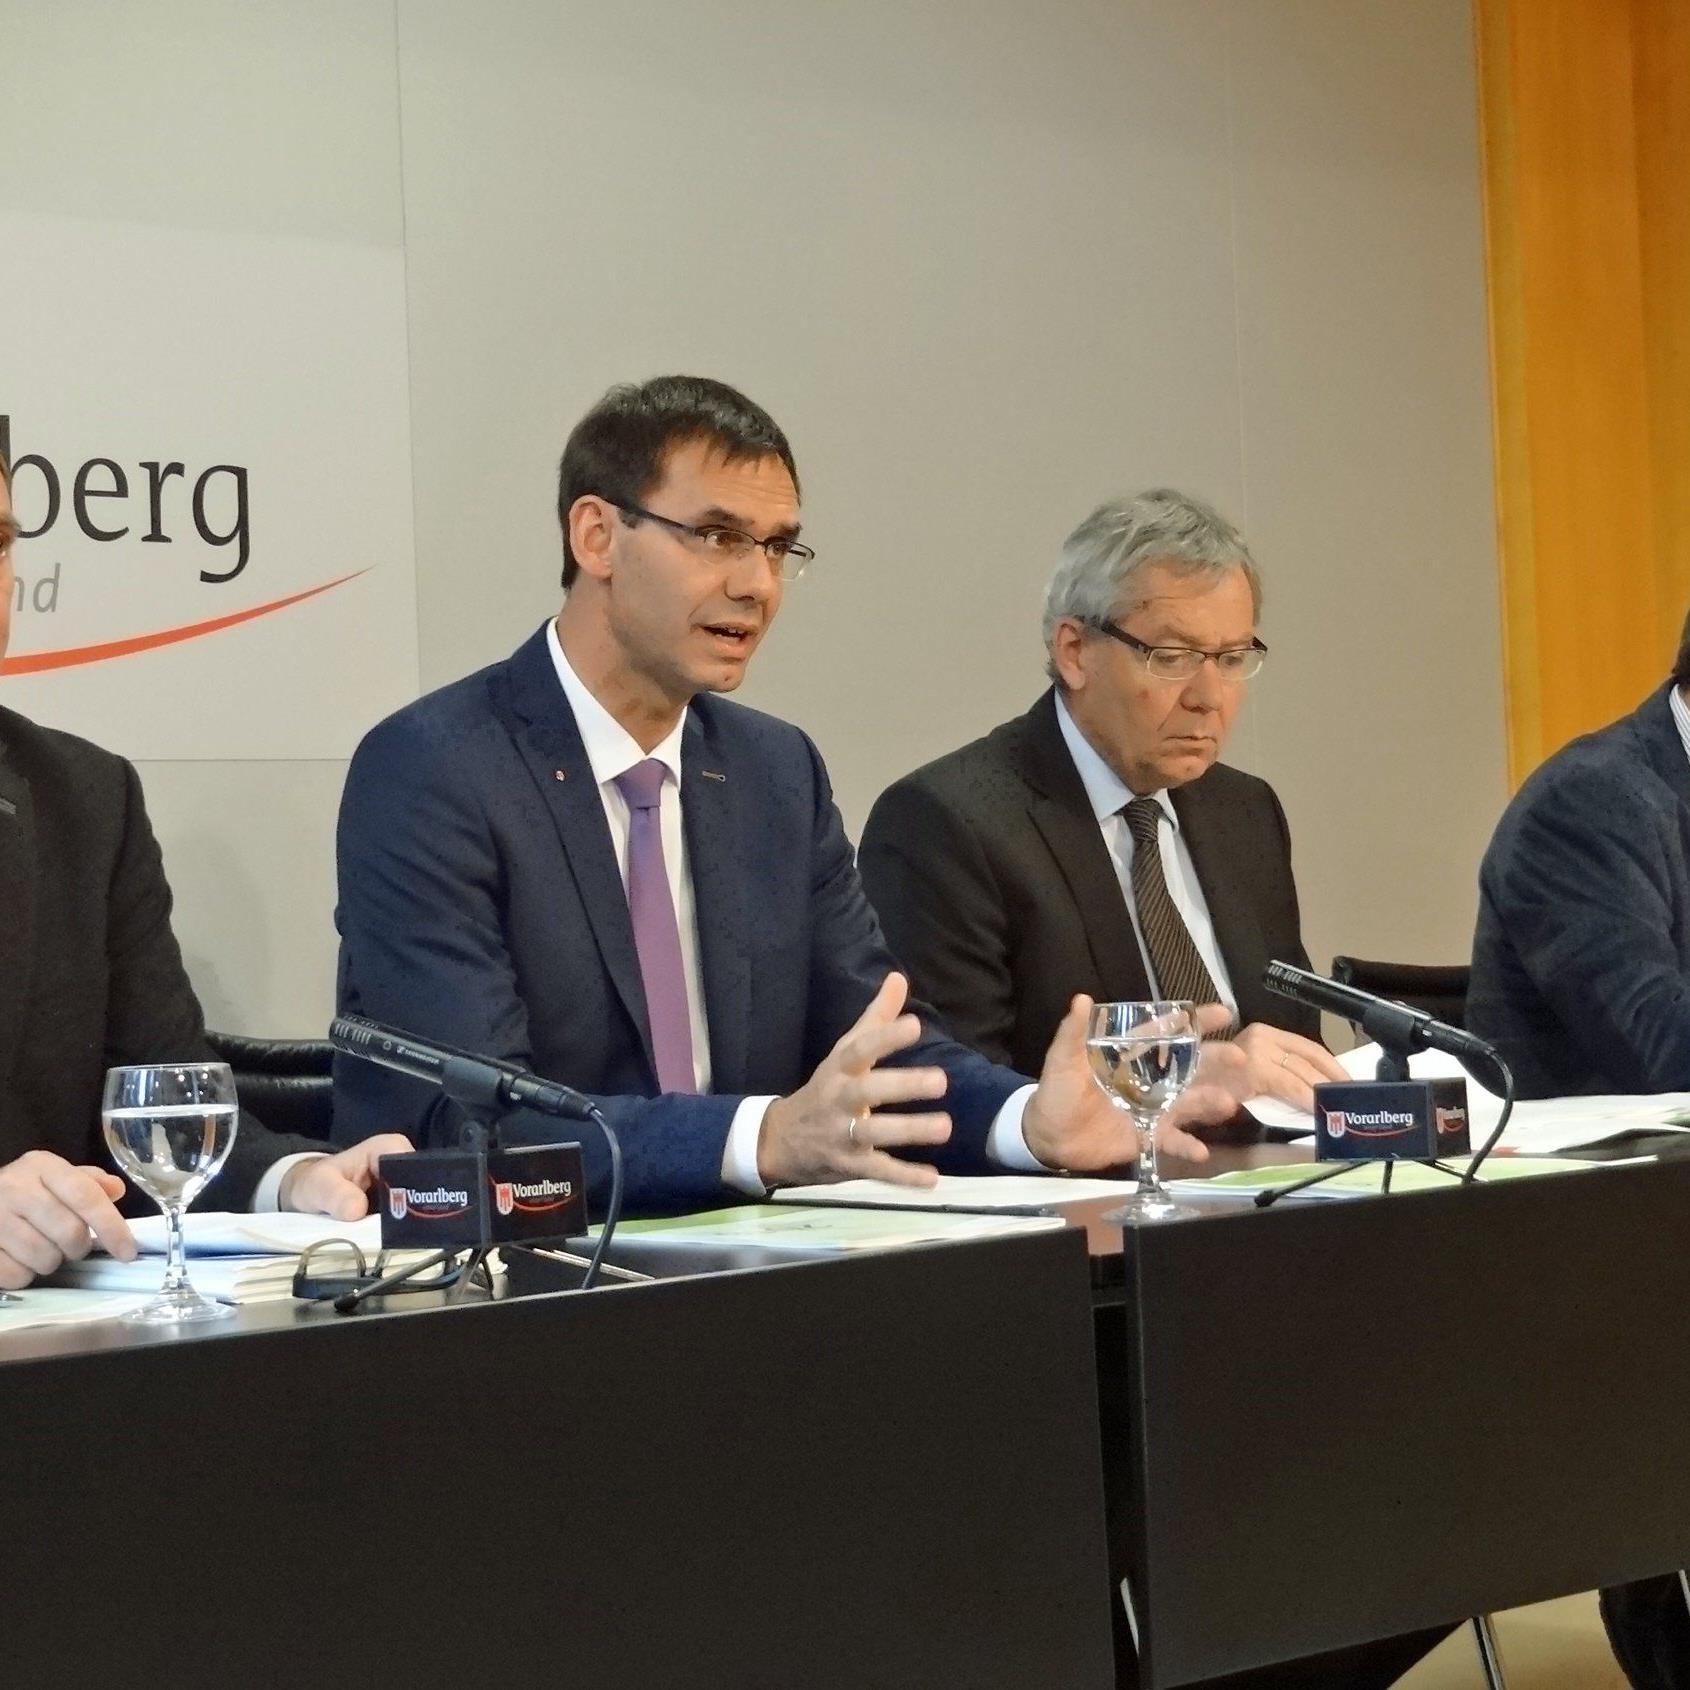 Landeshaushalt 2016: Keine Neuverschuldung - Bis zu 19,8 Mio. Euro an Rücklagen könnten aufgelöst werden